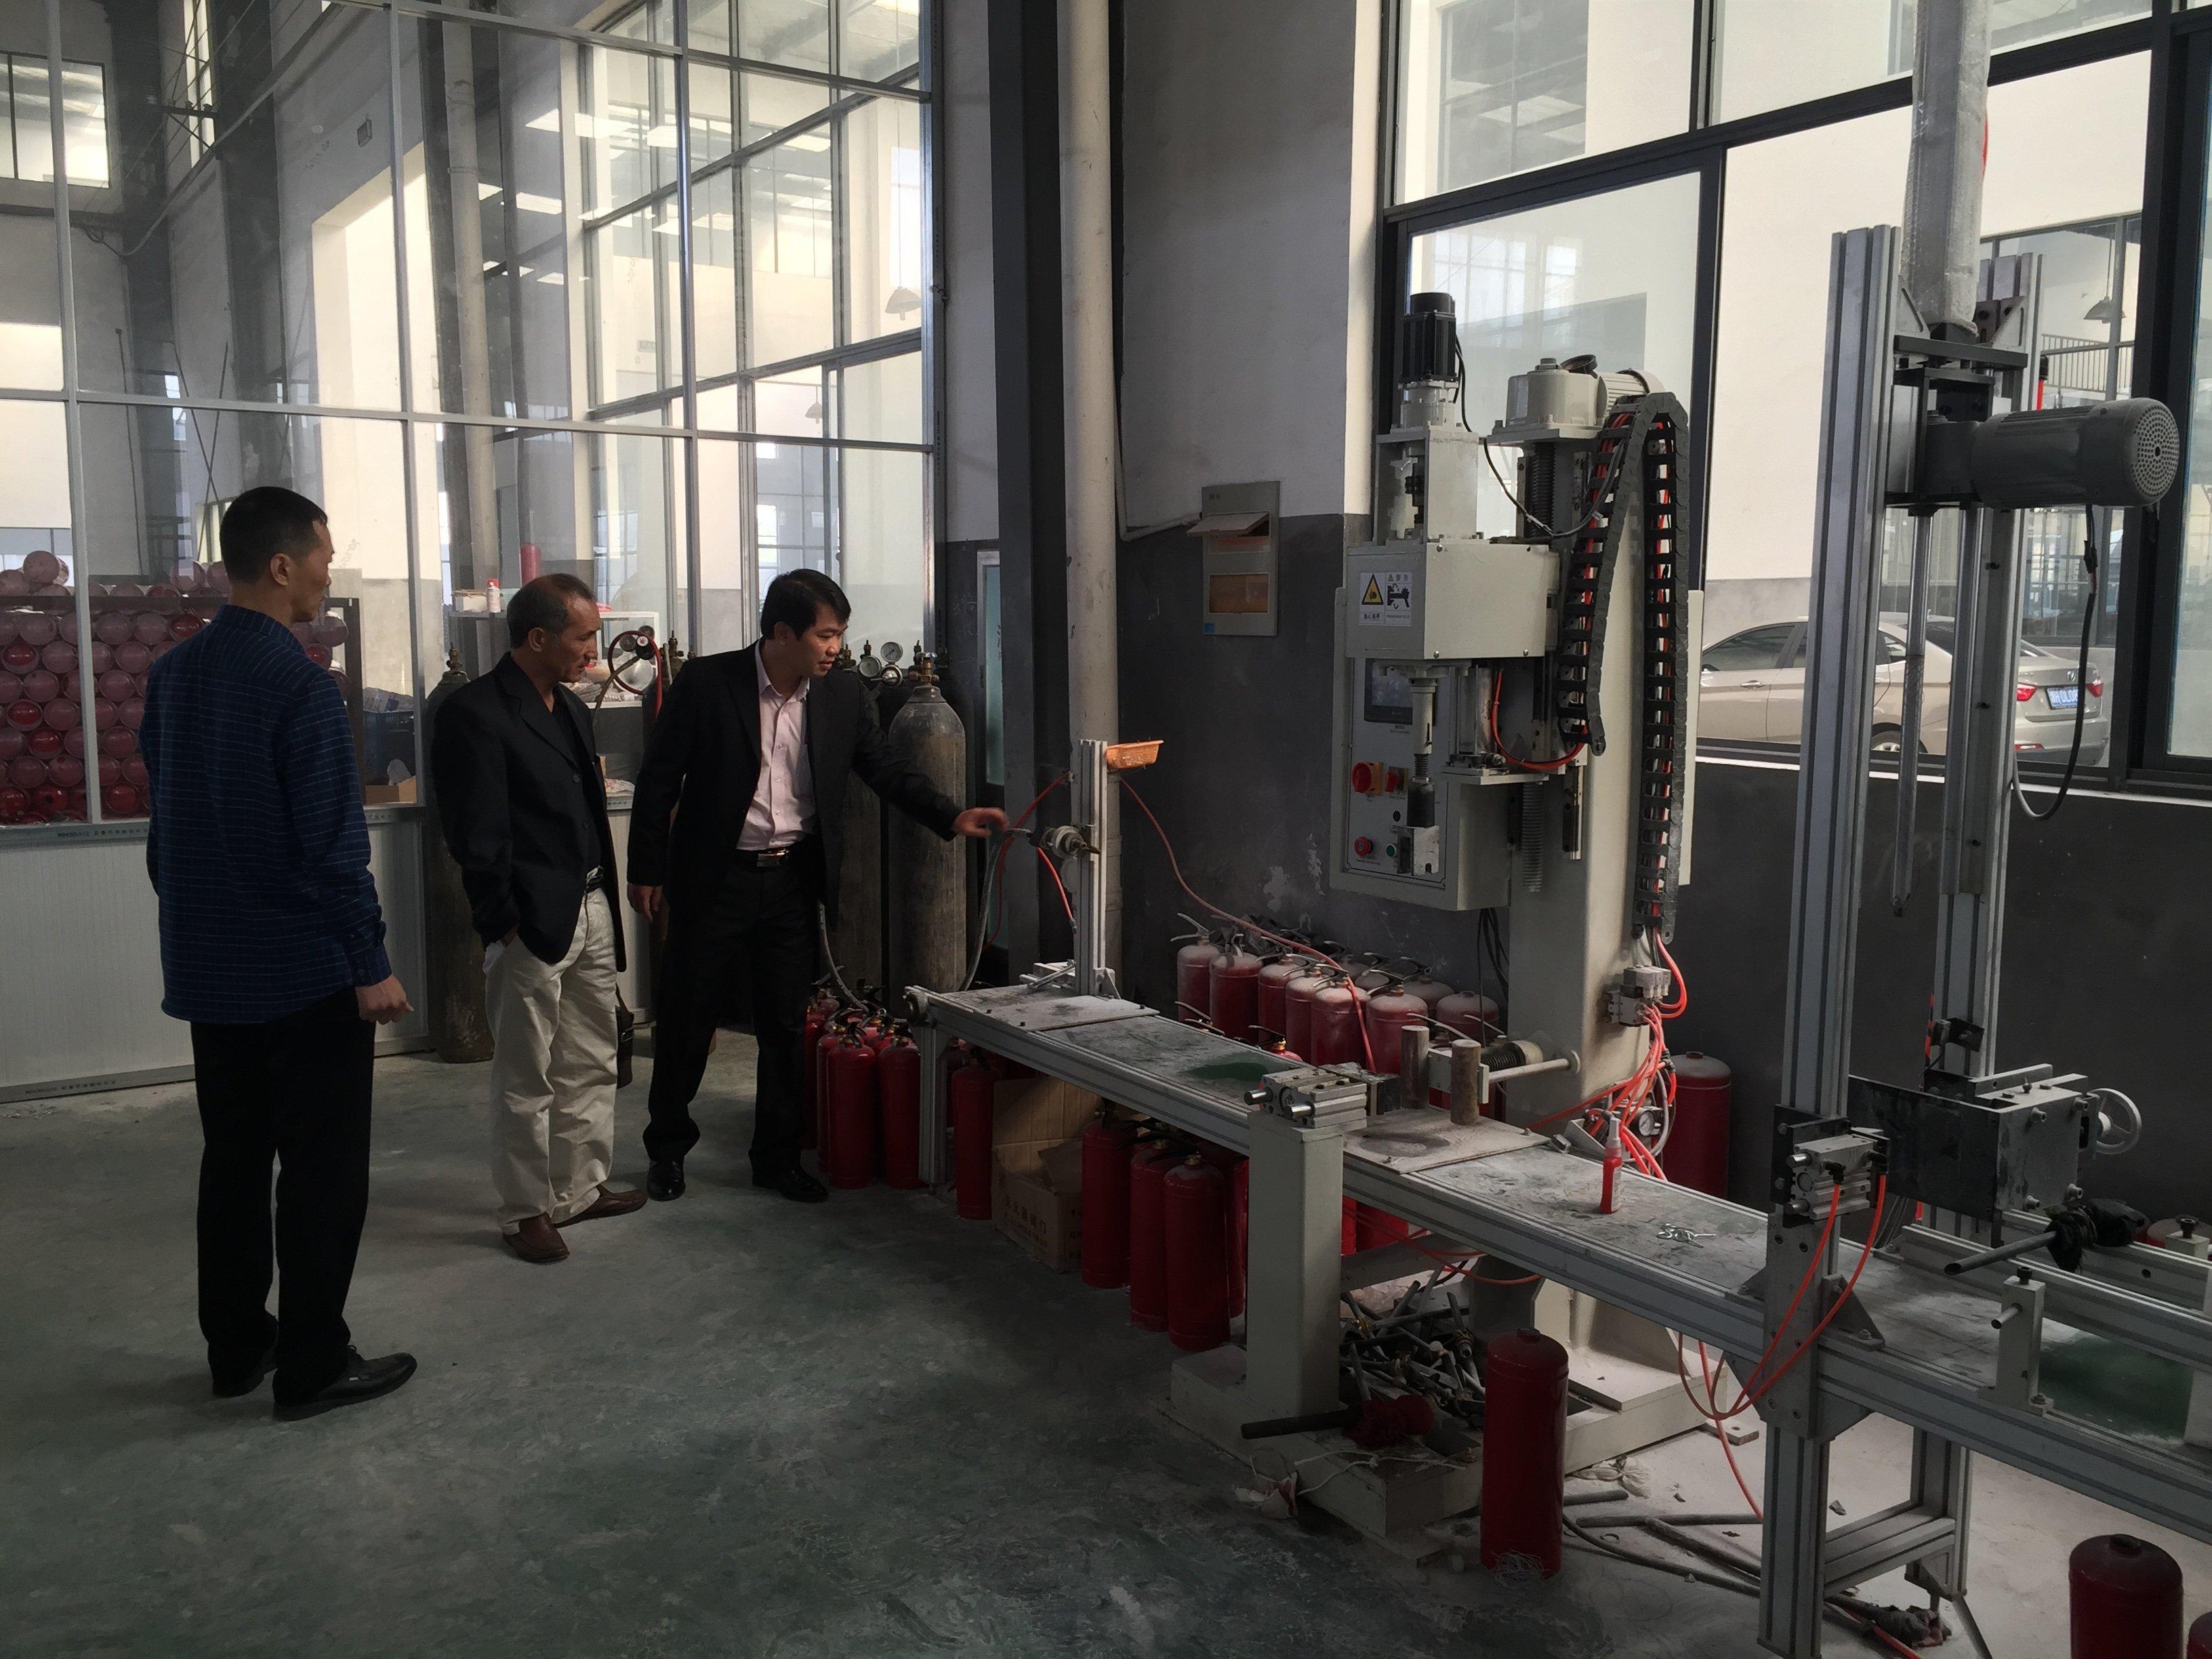 https://pccchanoi.com.vn/images/2015/10/quy-trinh-nap-binh-bot-chua-chay-3.jpg